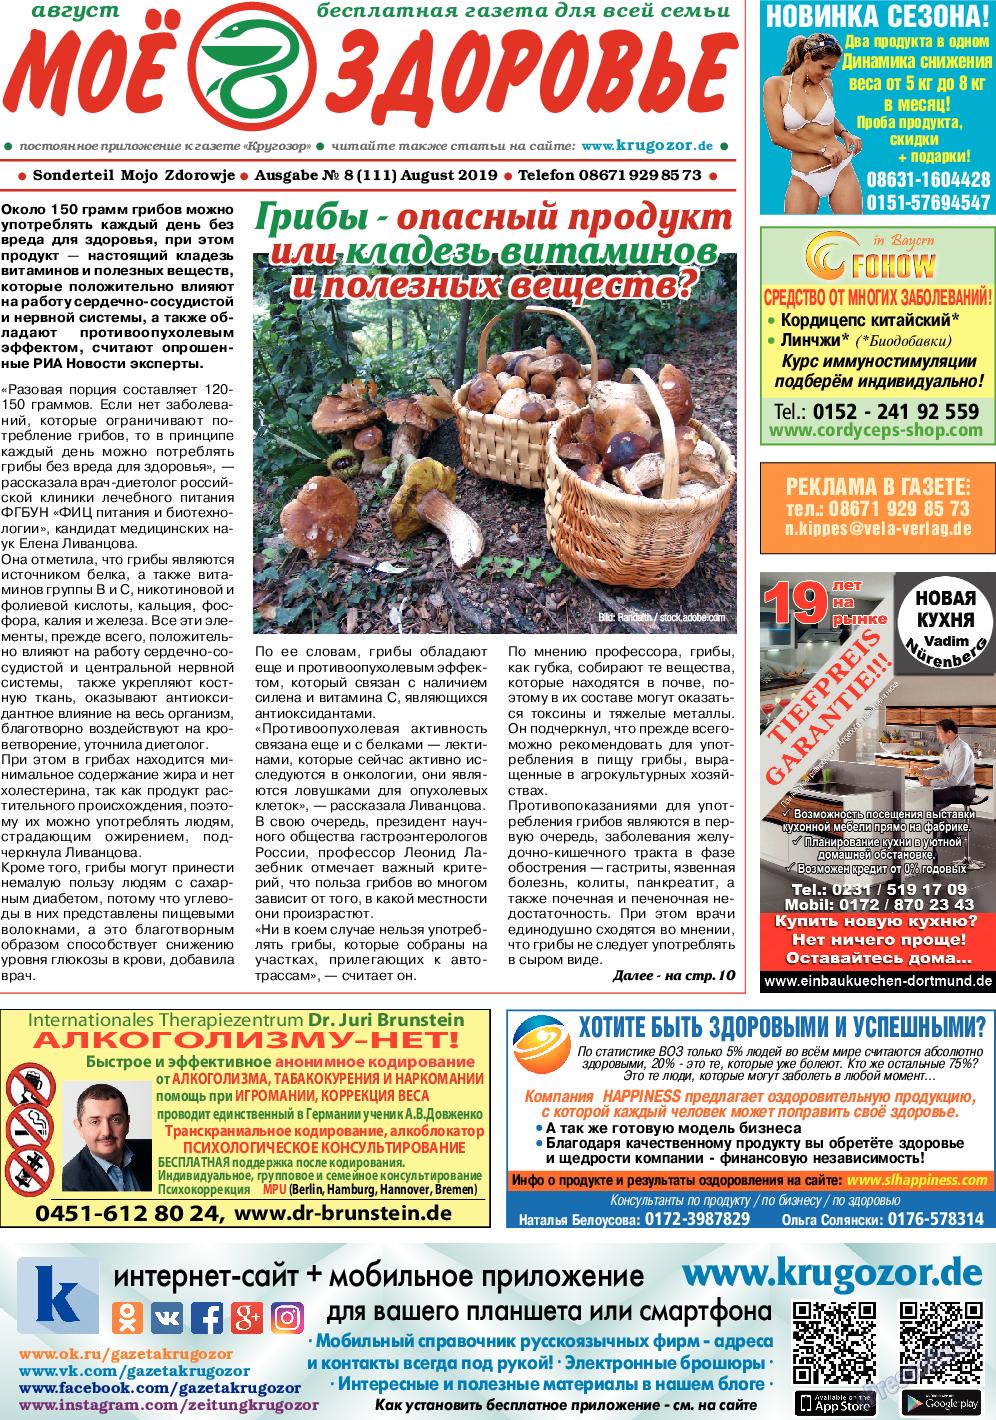 Кругозор (газета). 2019 год, номер 8, стр. 9